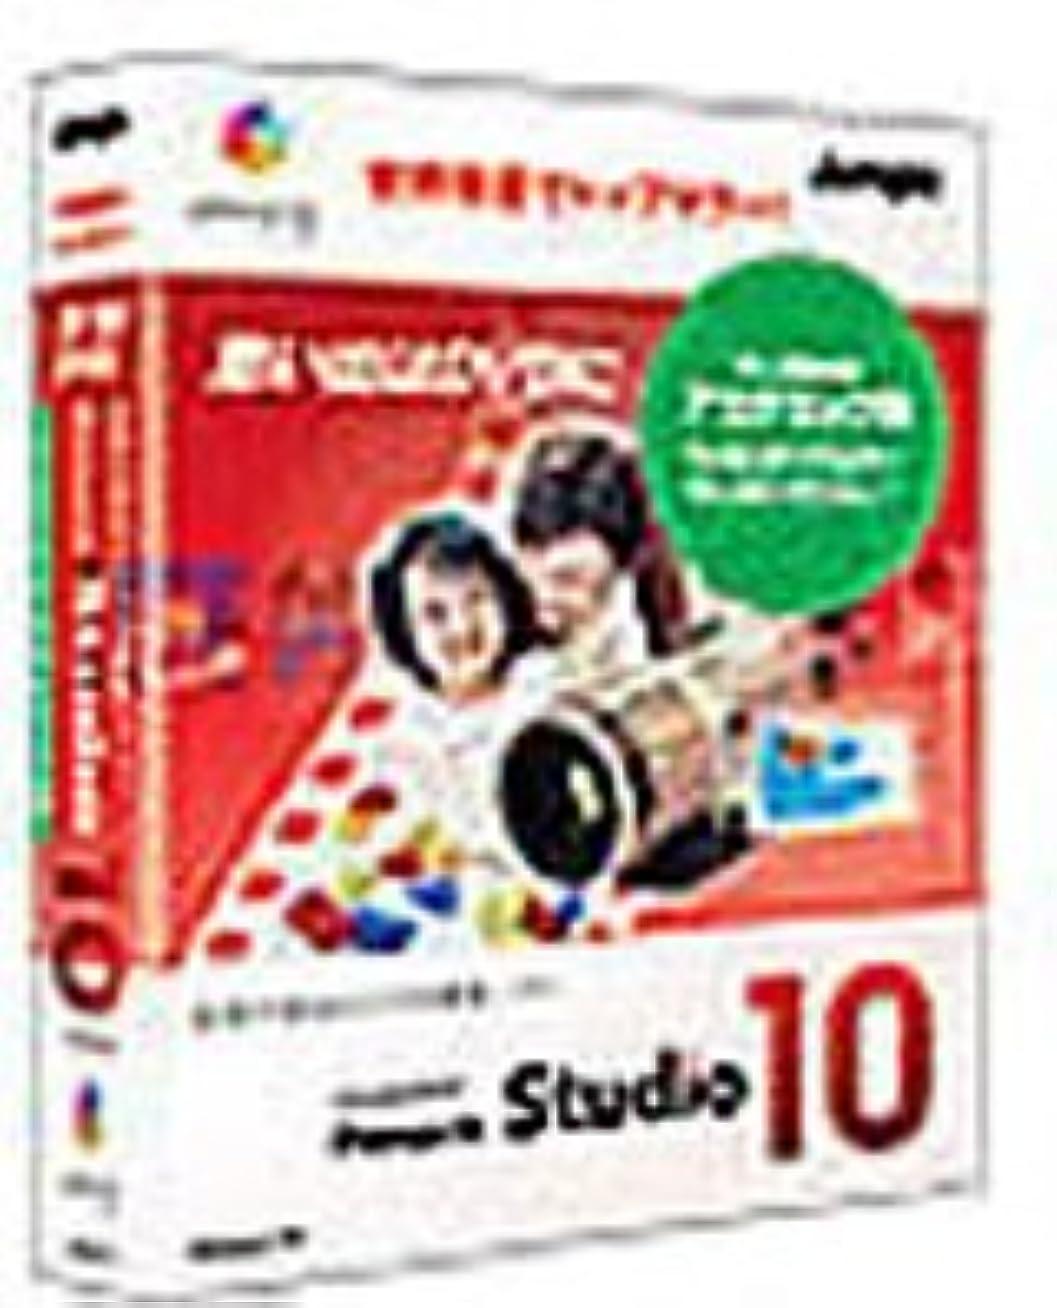 リクルート集計気楽なPinnacle Studio 10 アカデミック版